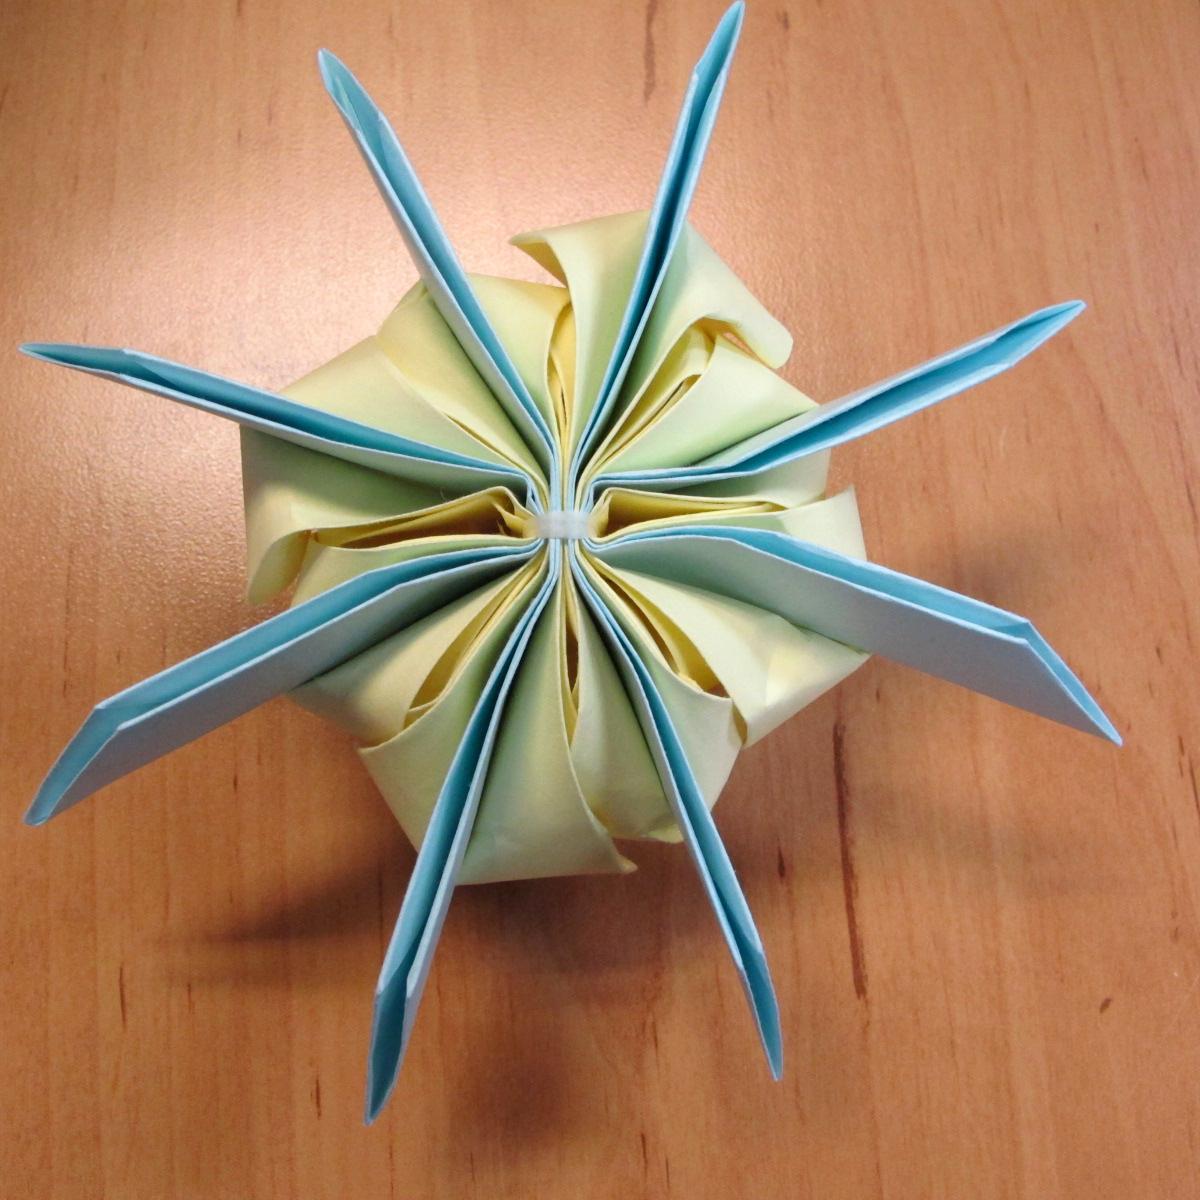 วิธีการพับกระดาษเป็นดอกบัวแบบแยกประกอบส่วน 022